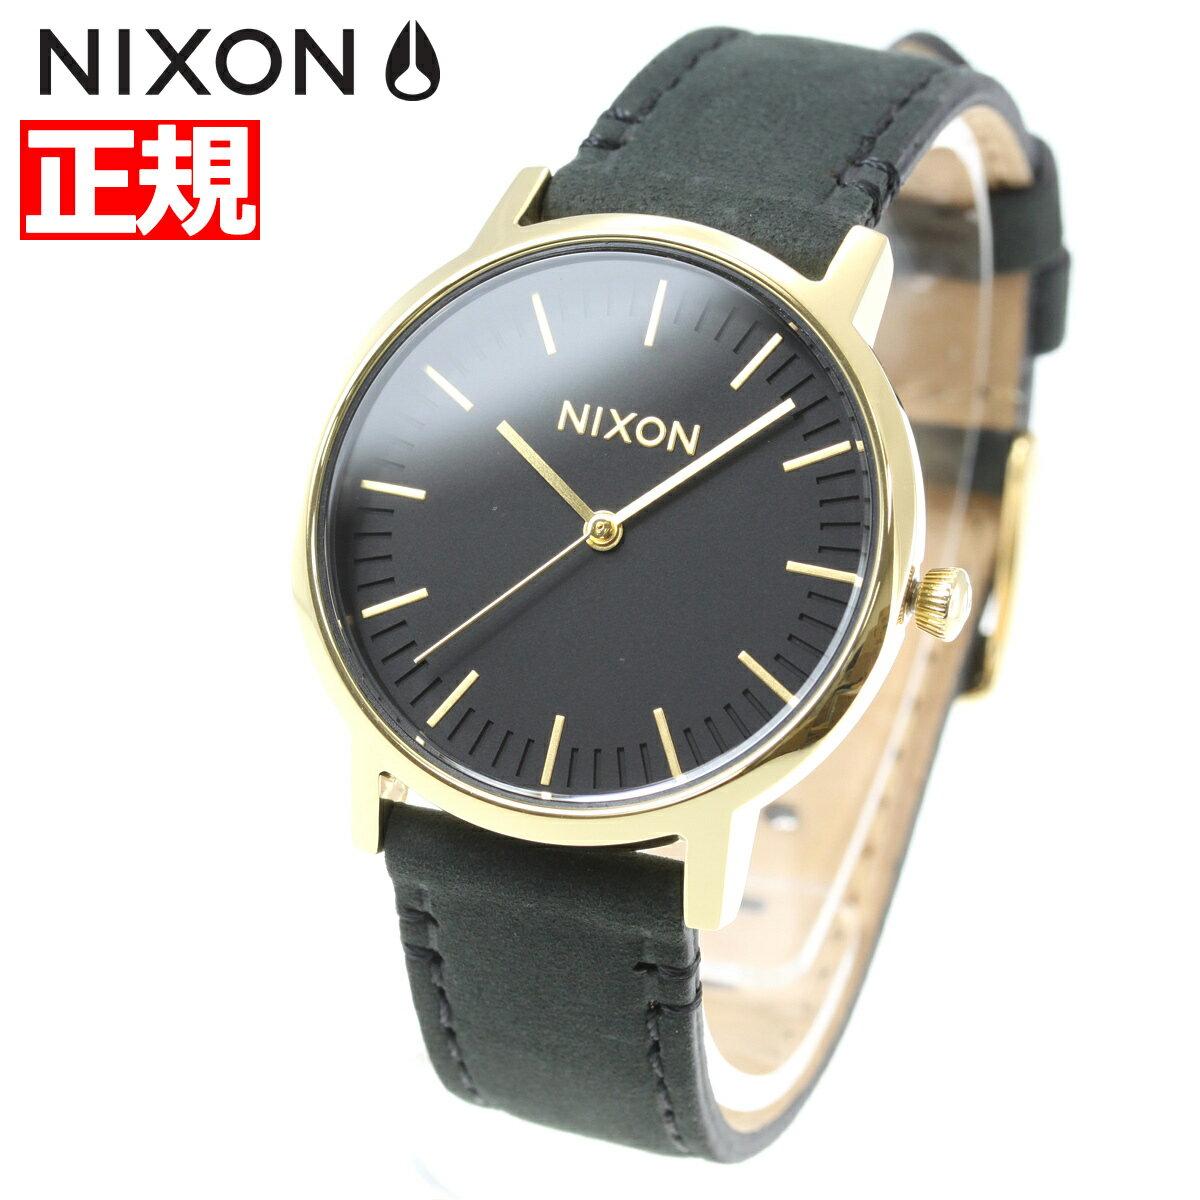 ニクソン NIXON ポーター 35 レザー PORTER 35 LEATHER 腕時計 メンズ/レディース オールブラック/ゴールド NA11991031-00